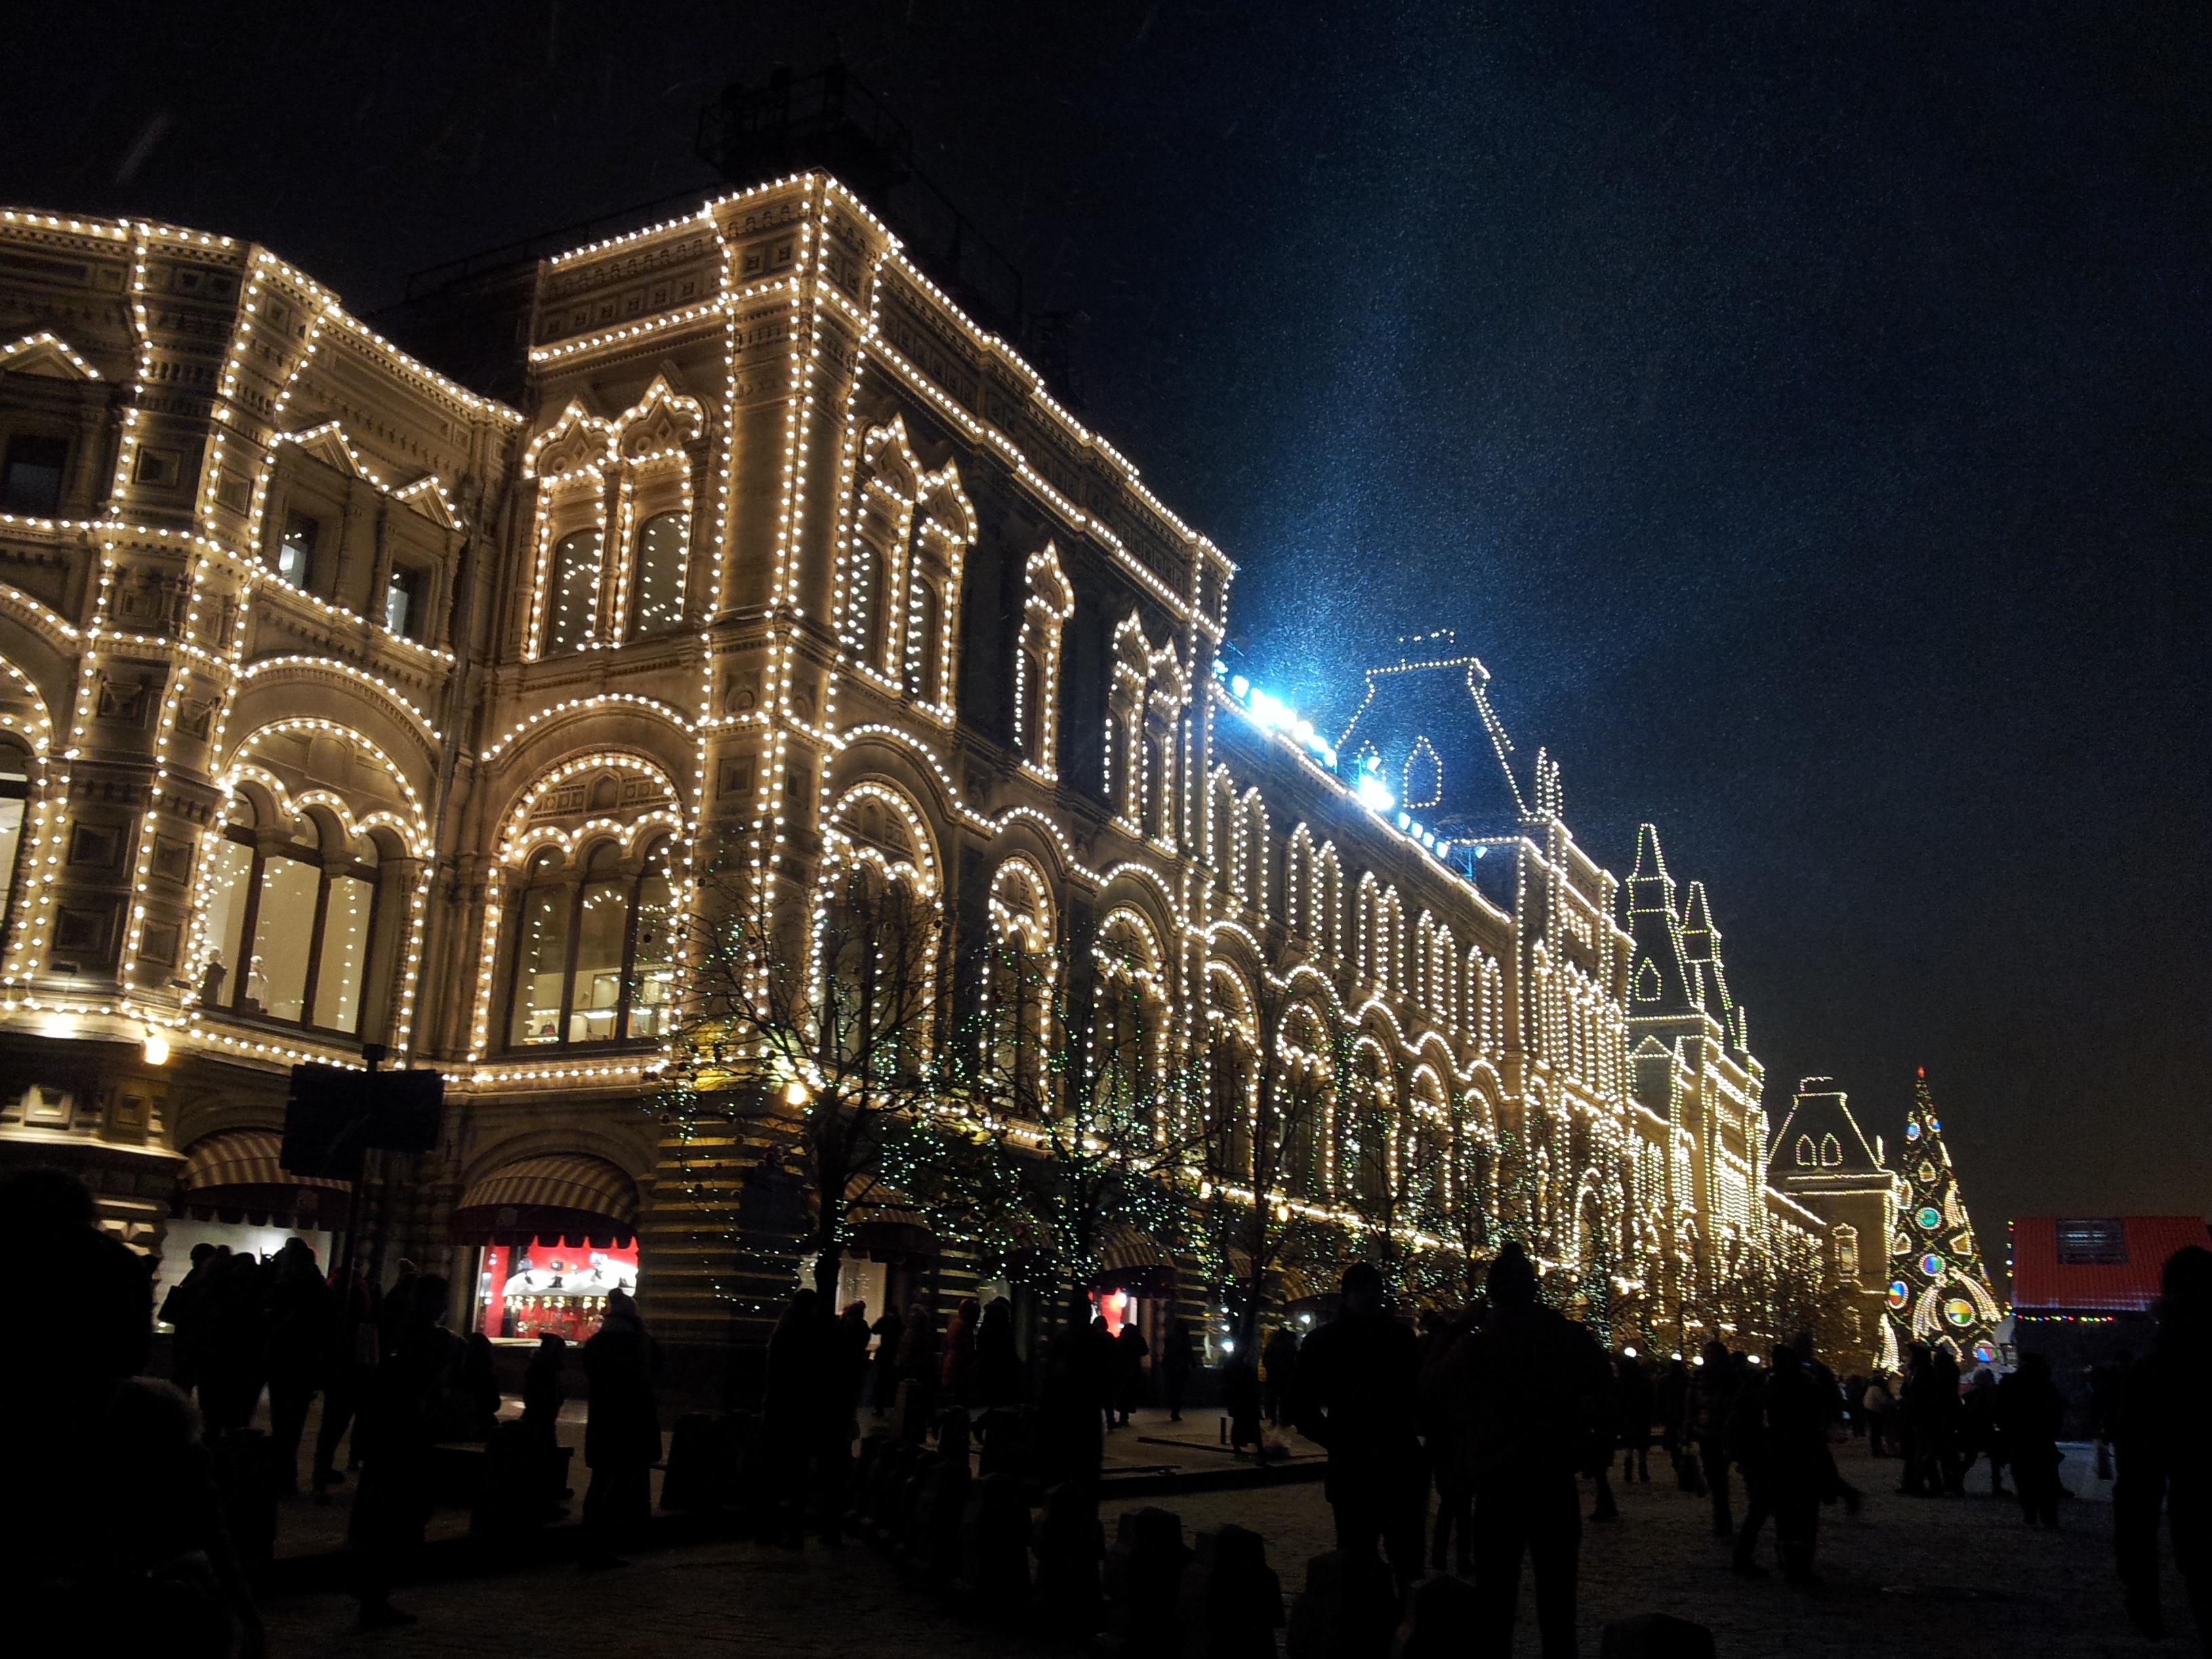 Ночной вид ГУМа на Красной площади